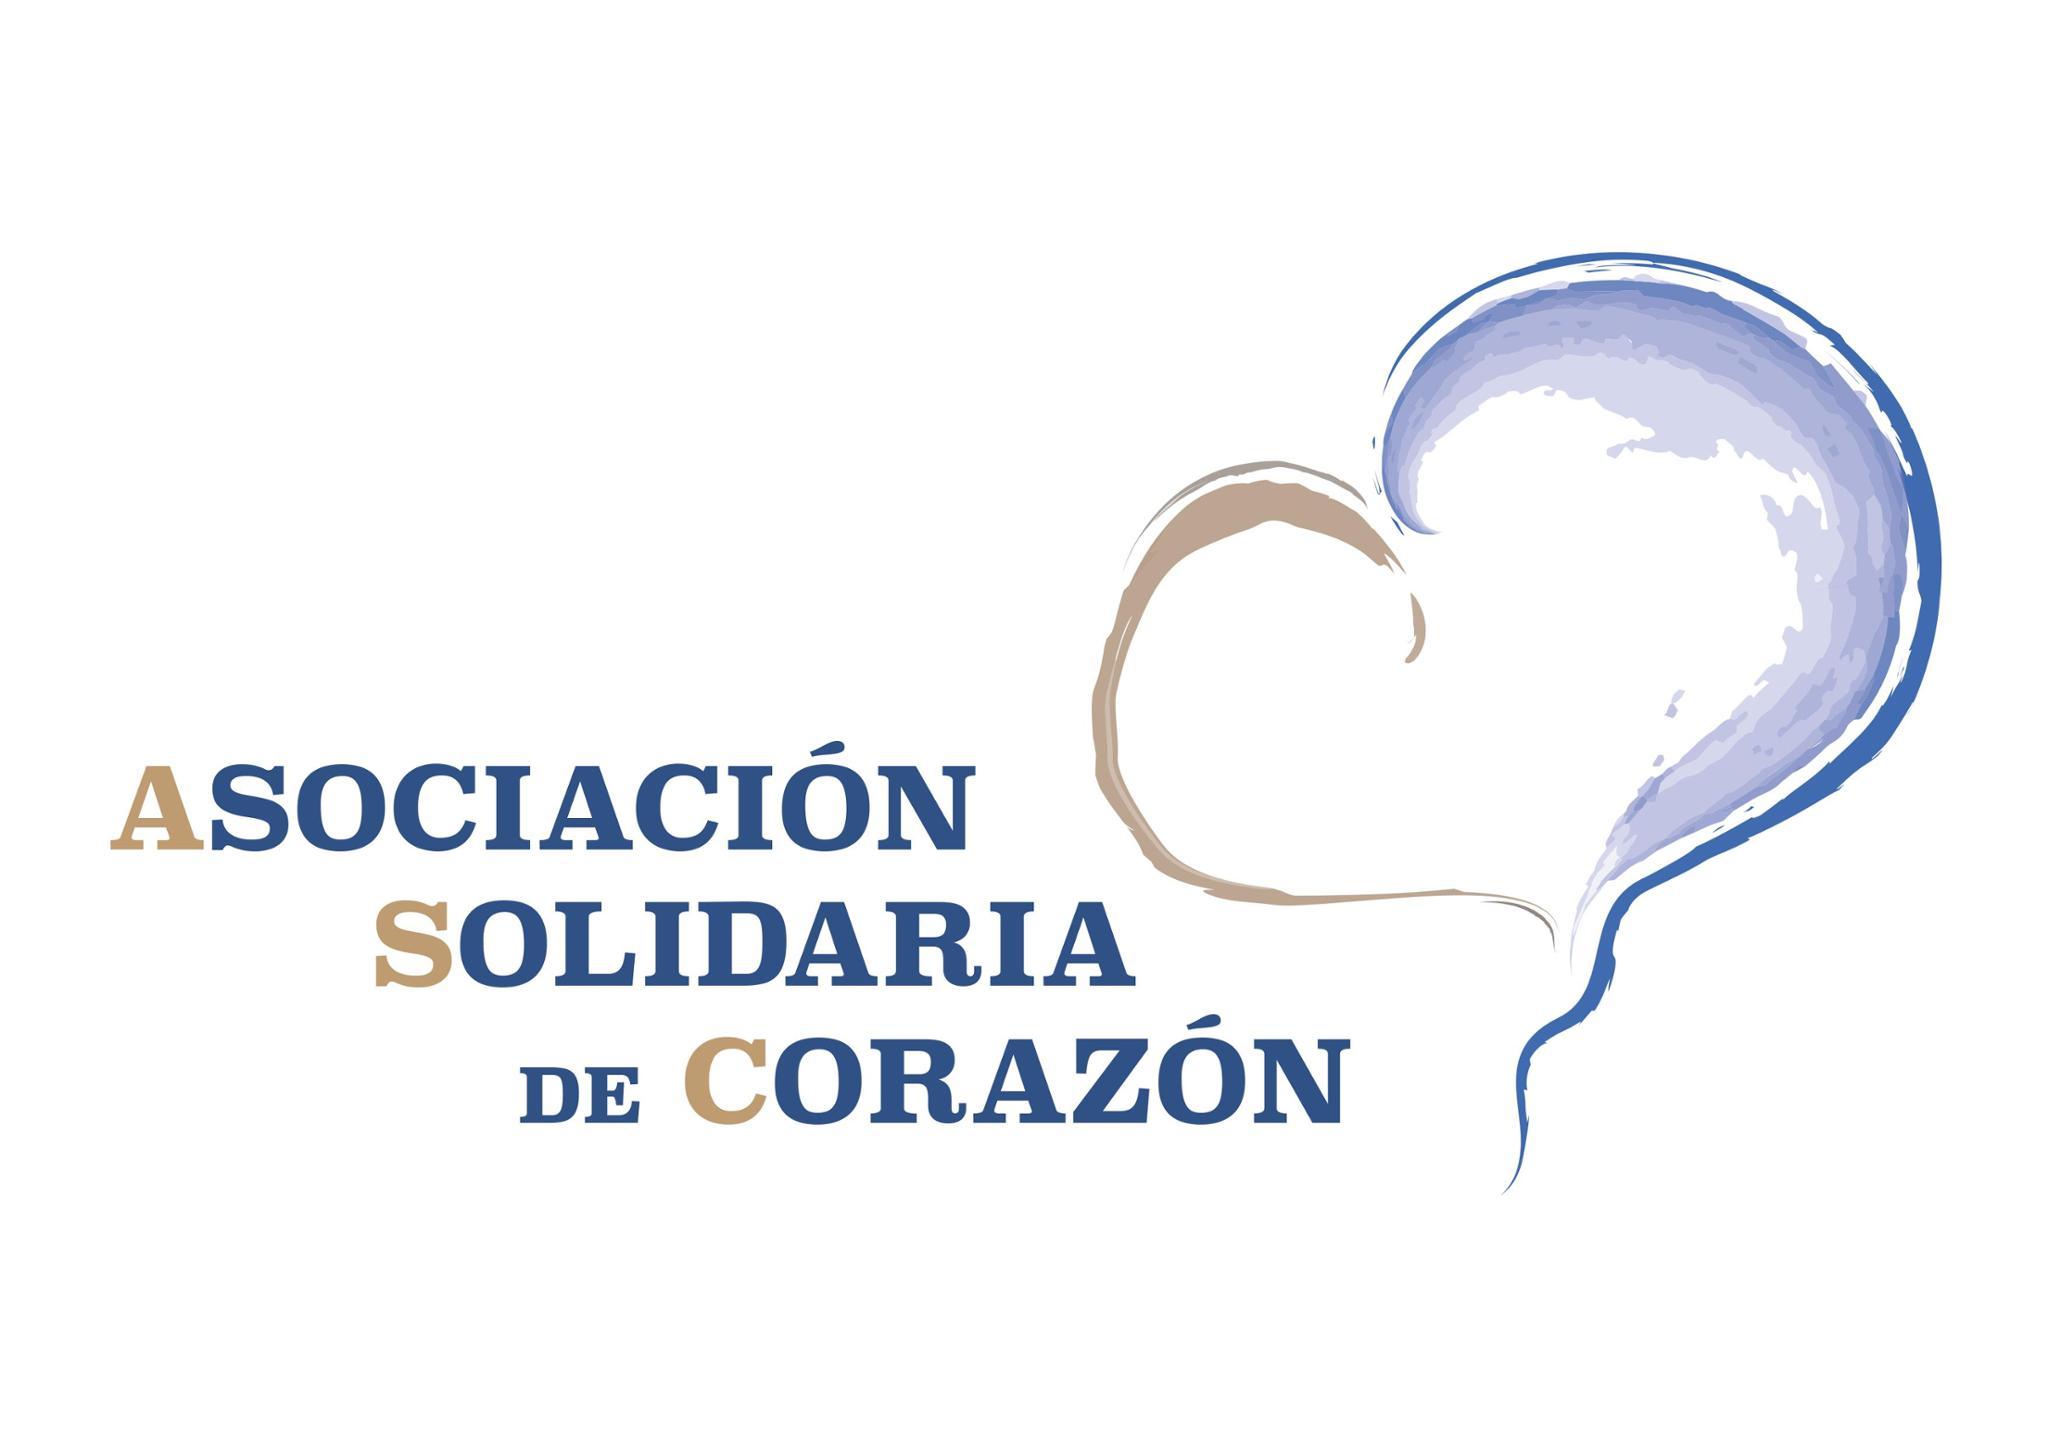 Asociación Solidaria de Corazón